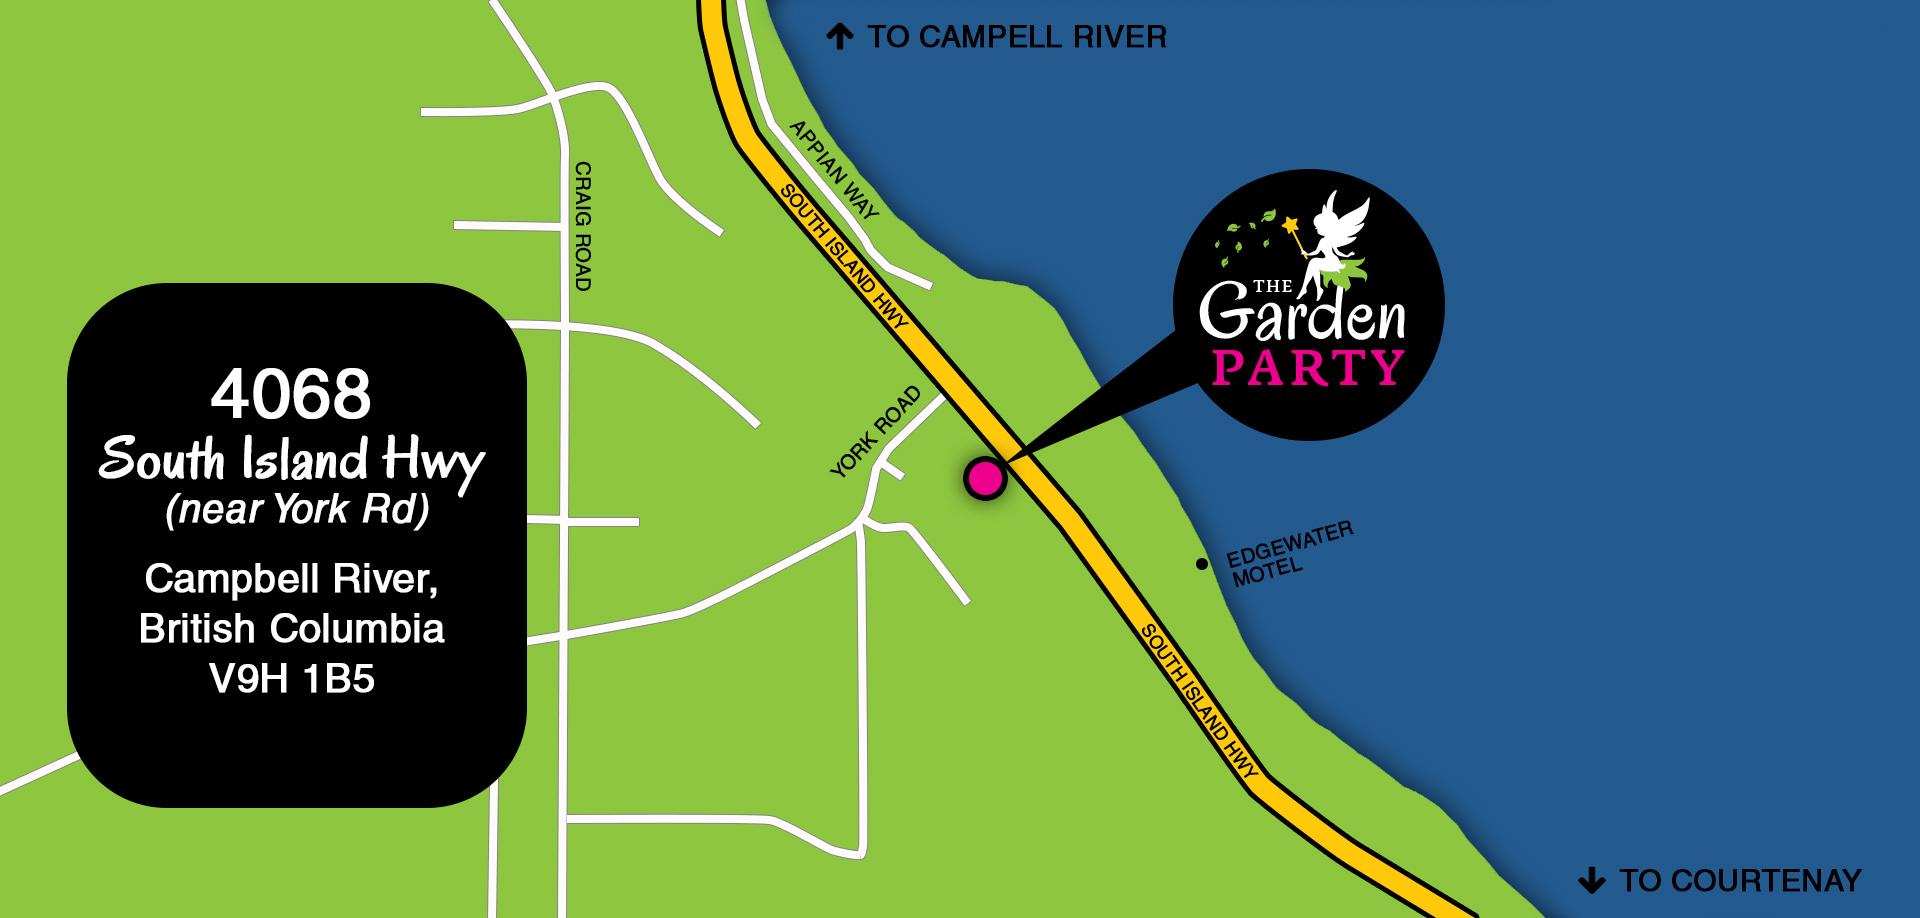 The Garden Party Map